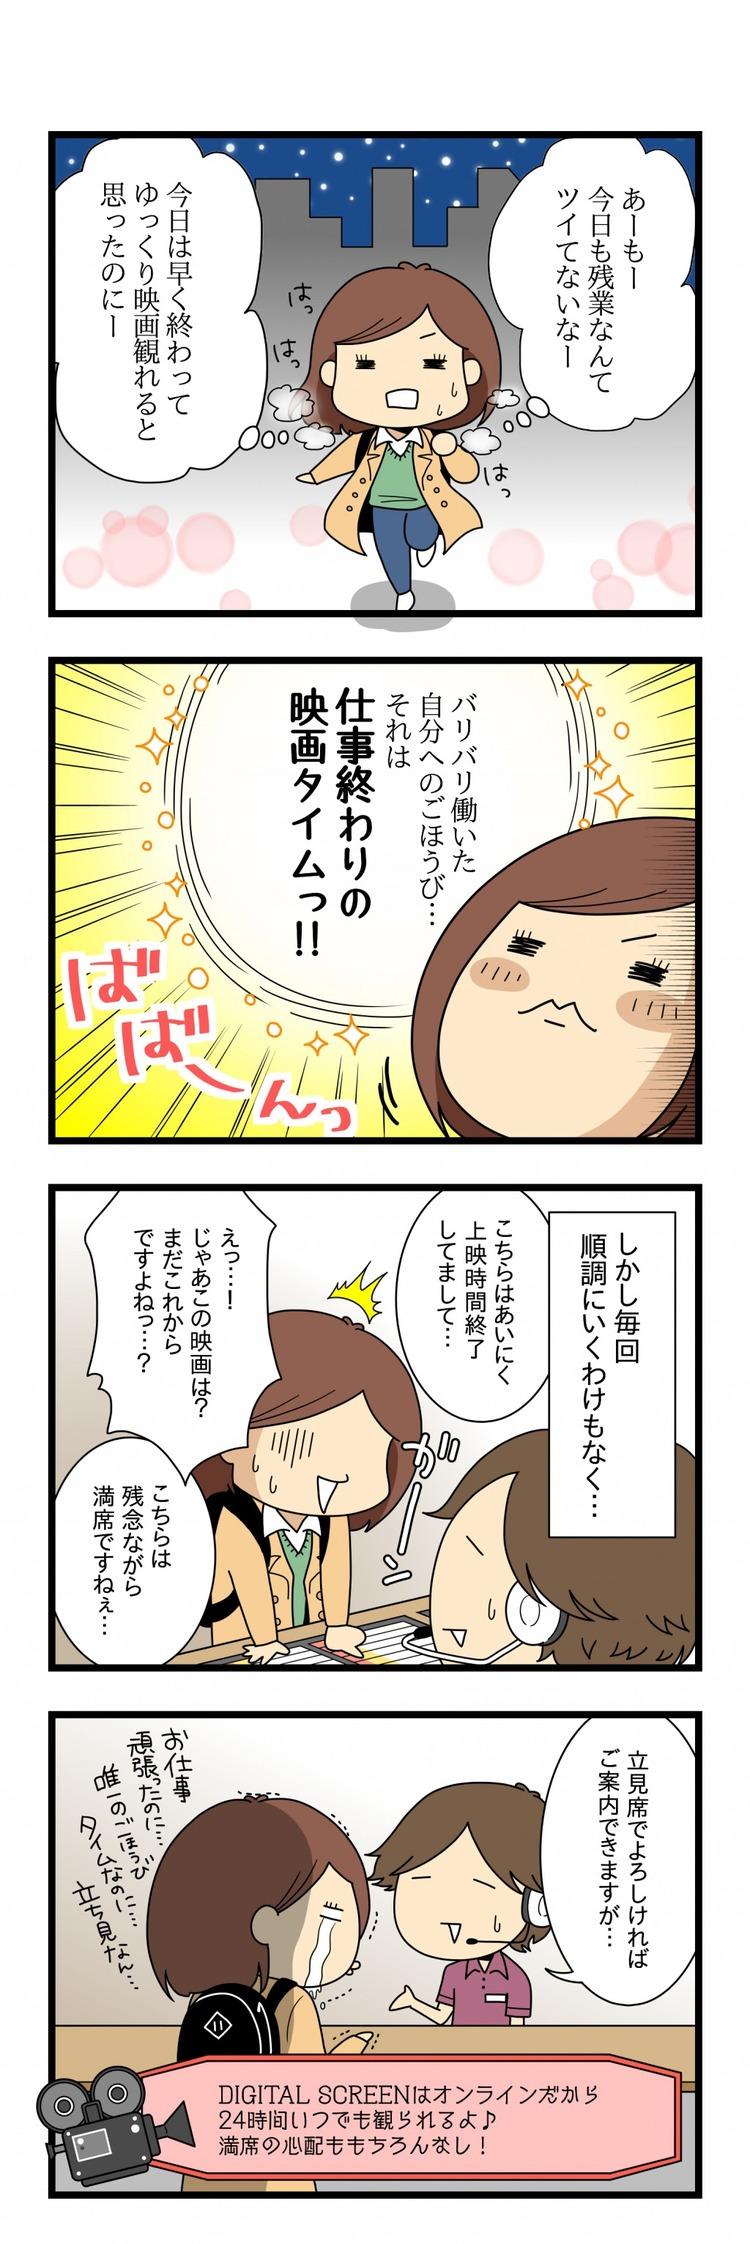 デジタルスクリーン_4コマ1